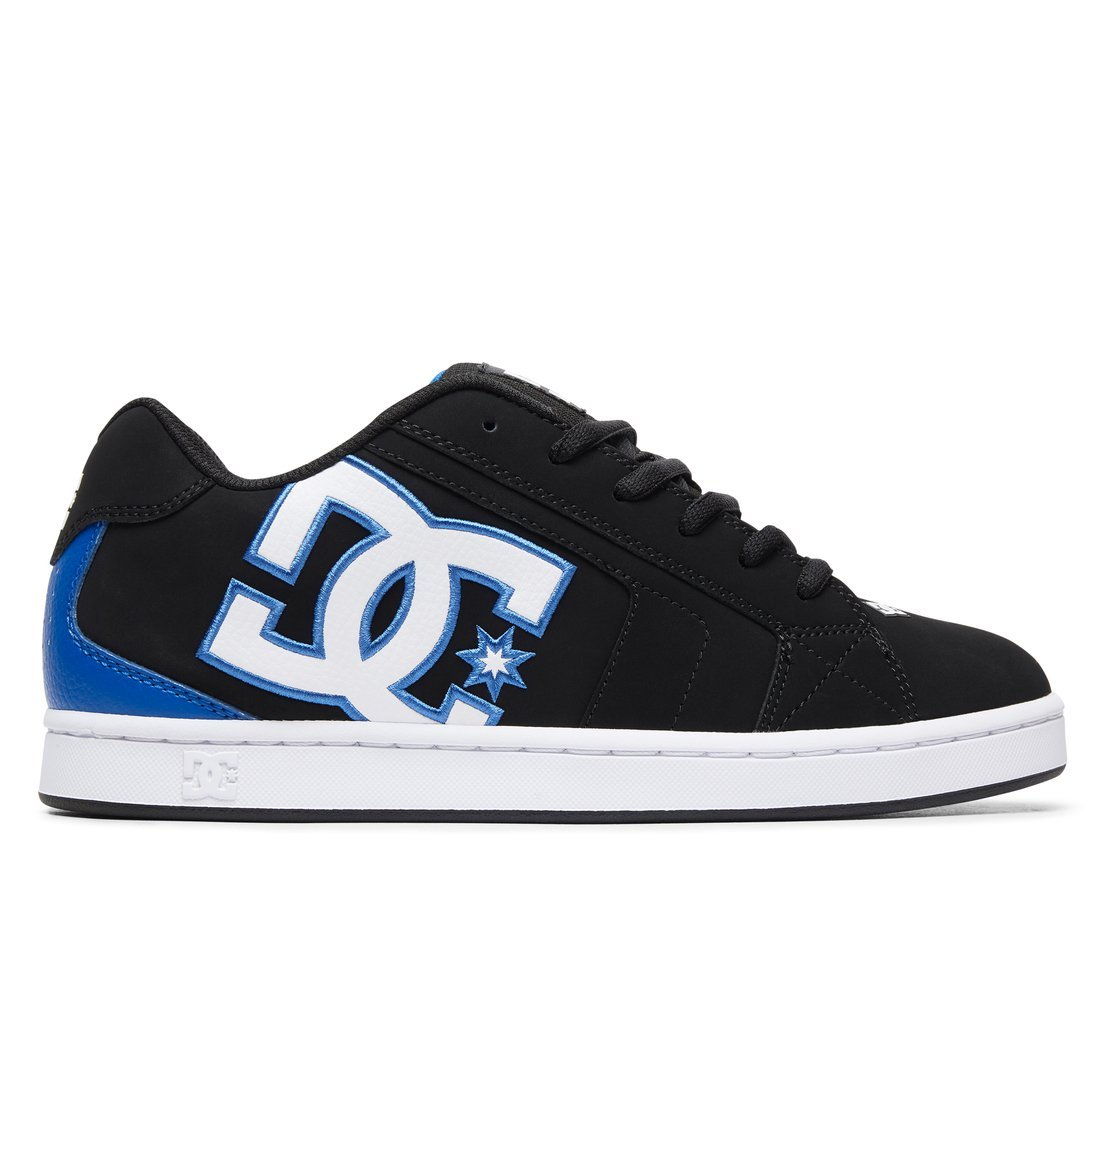 d41a43c6b1f DC Shoes Net